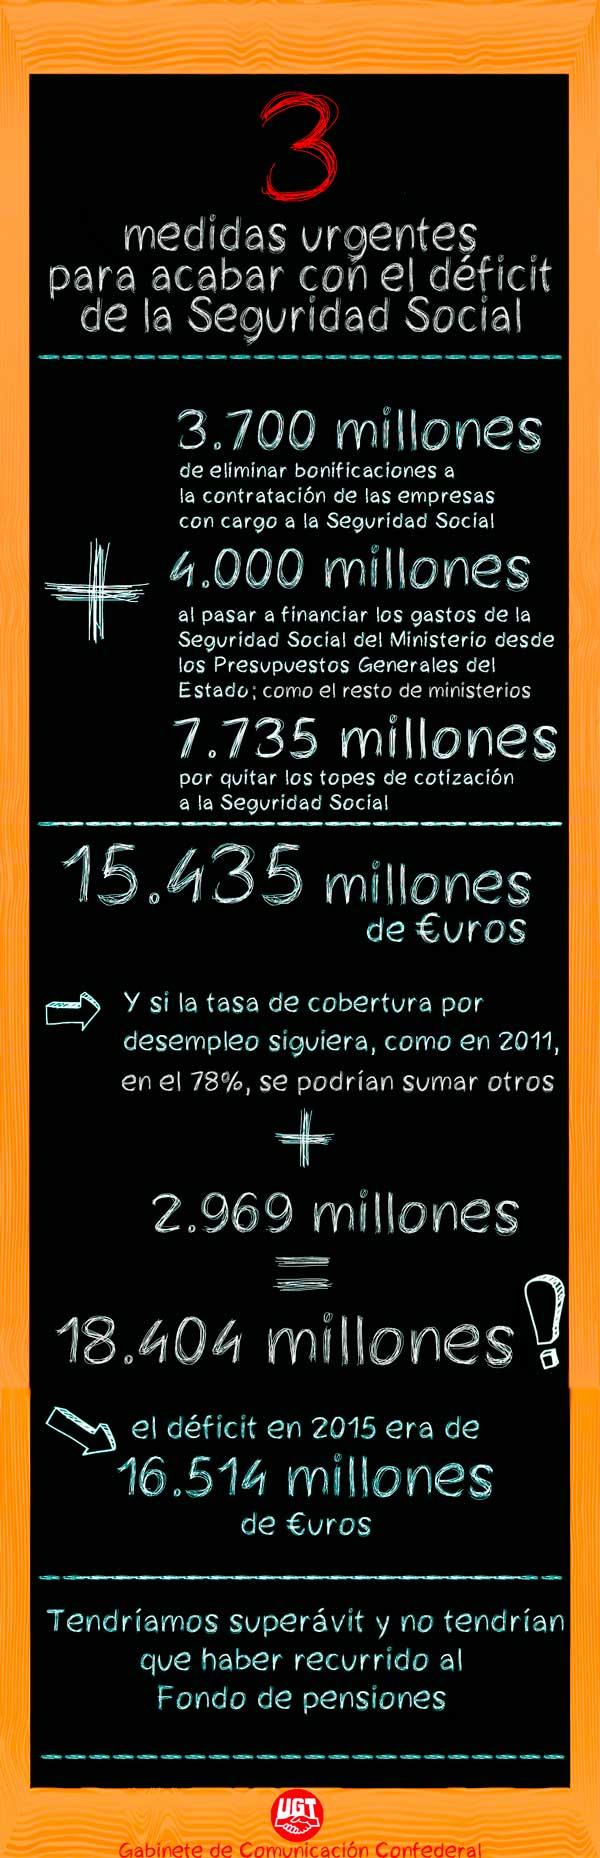 infografia_deficit_seguridad_social